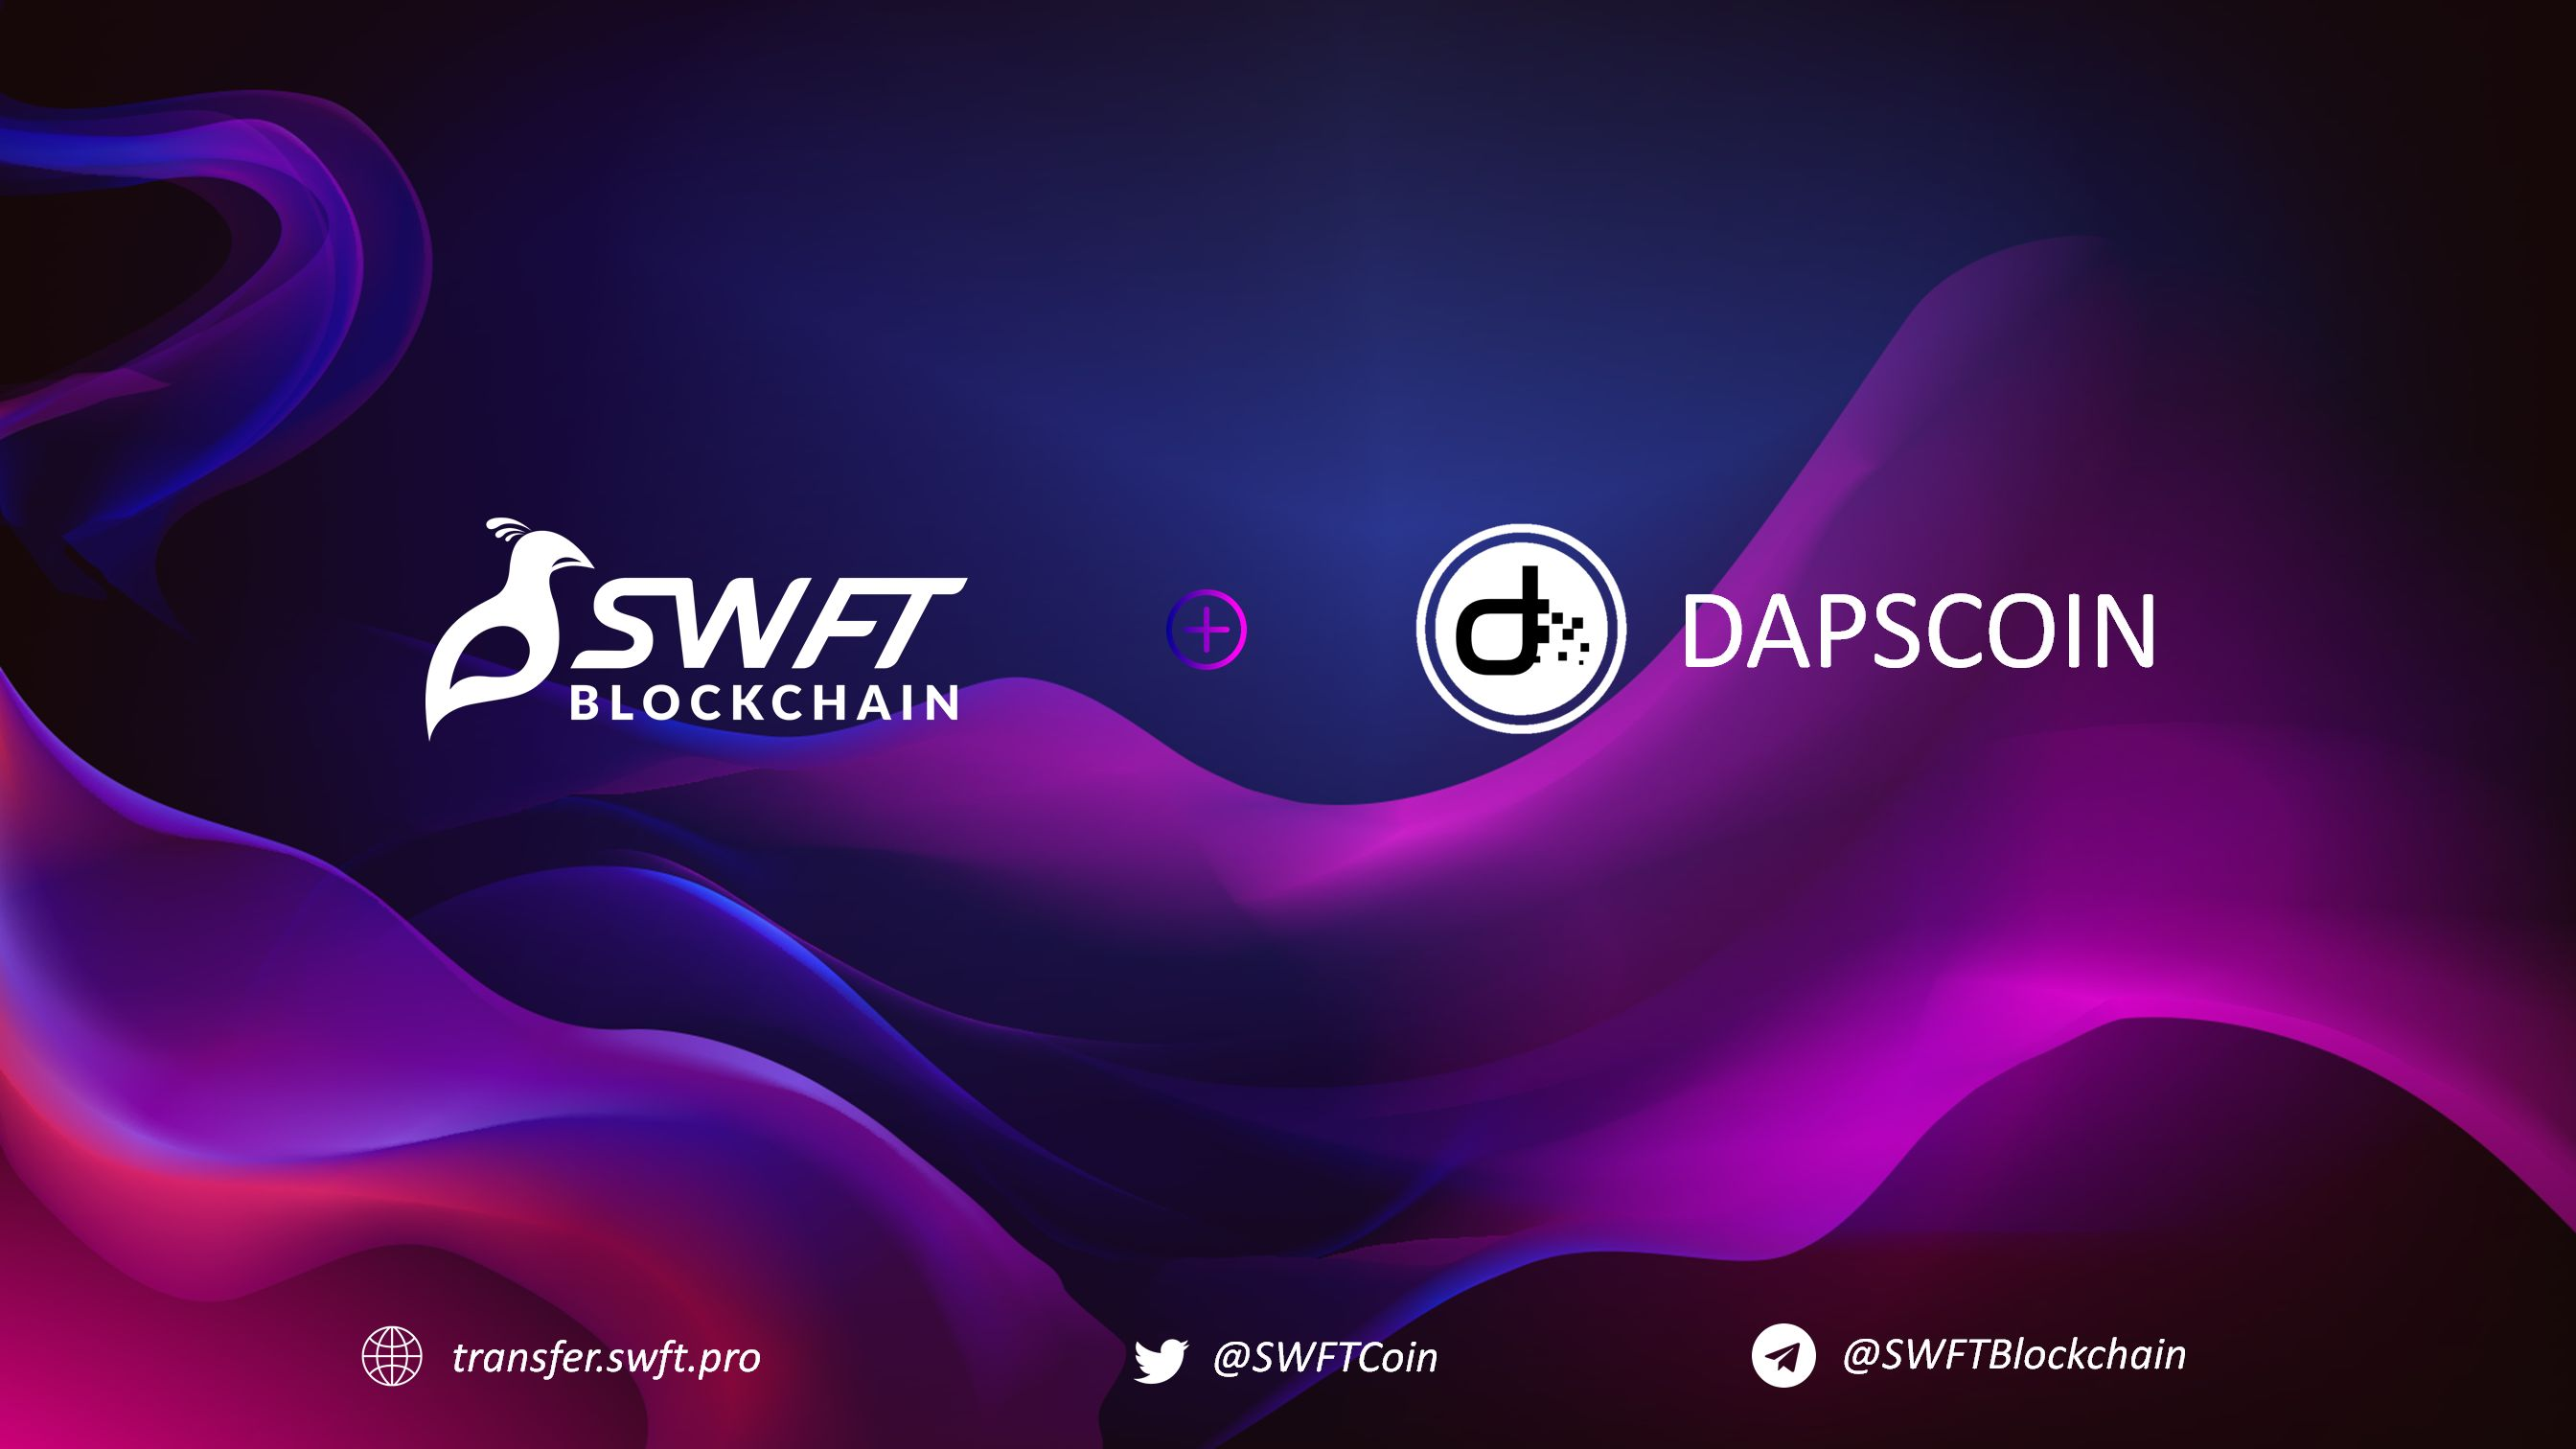 SWFT Blockchain nawiązał współpracę z DAPS COIN